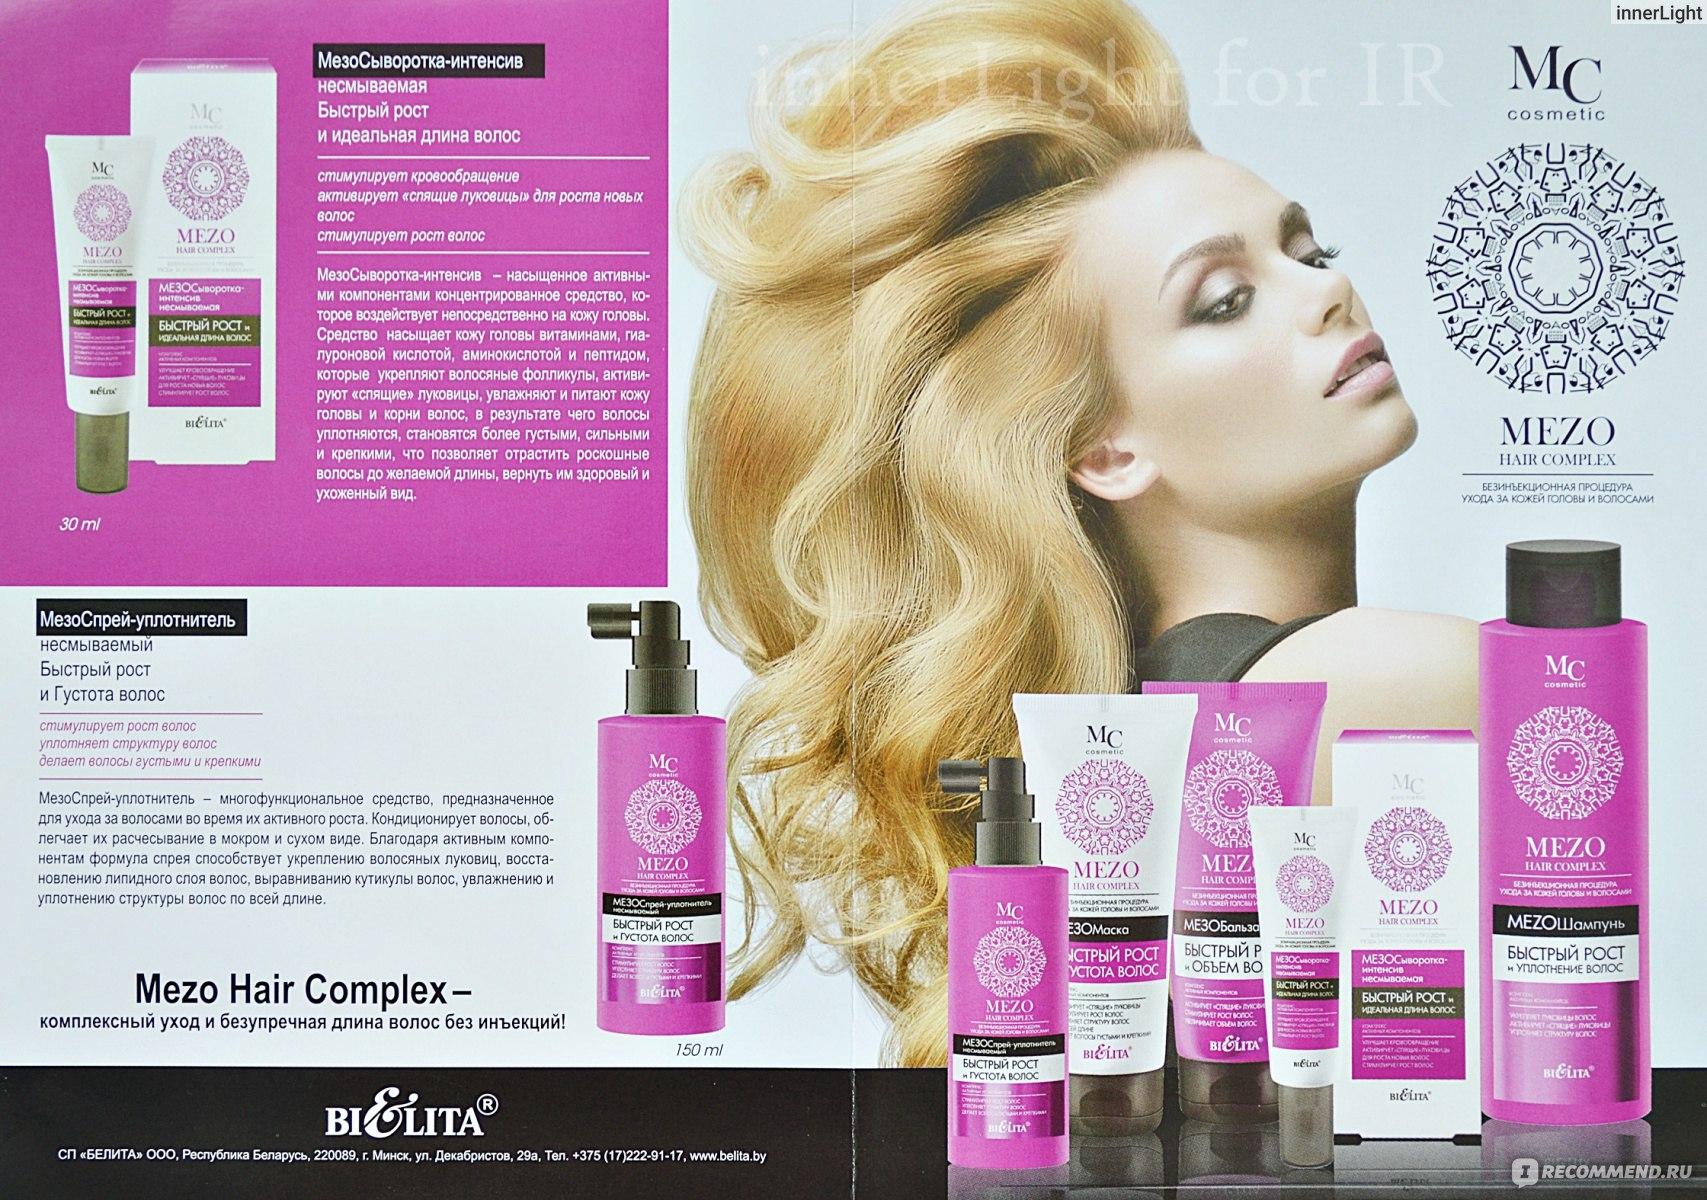 Комплекс для густоты волос